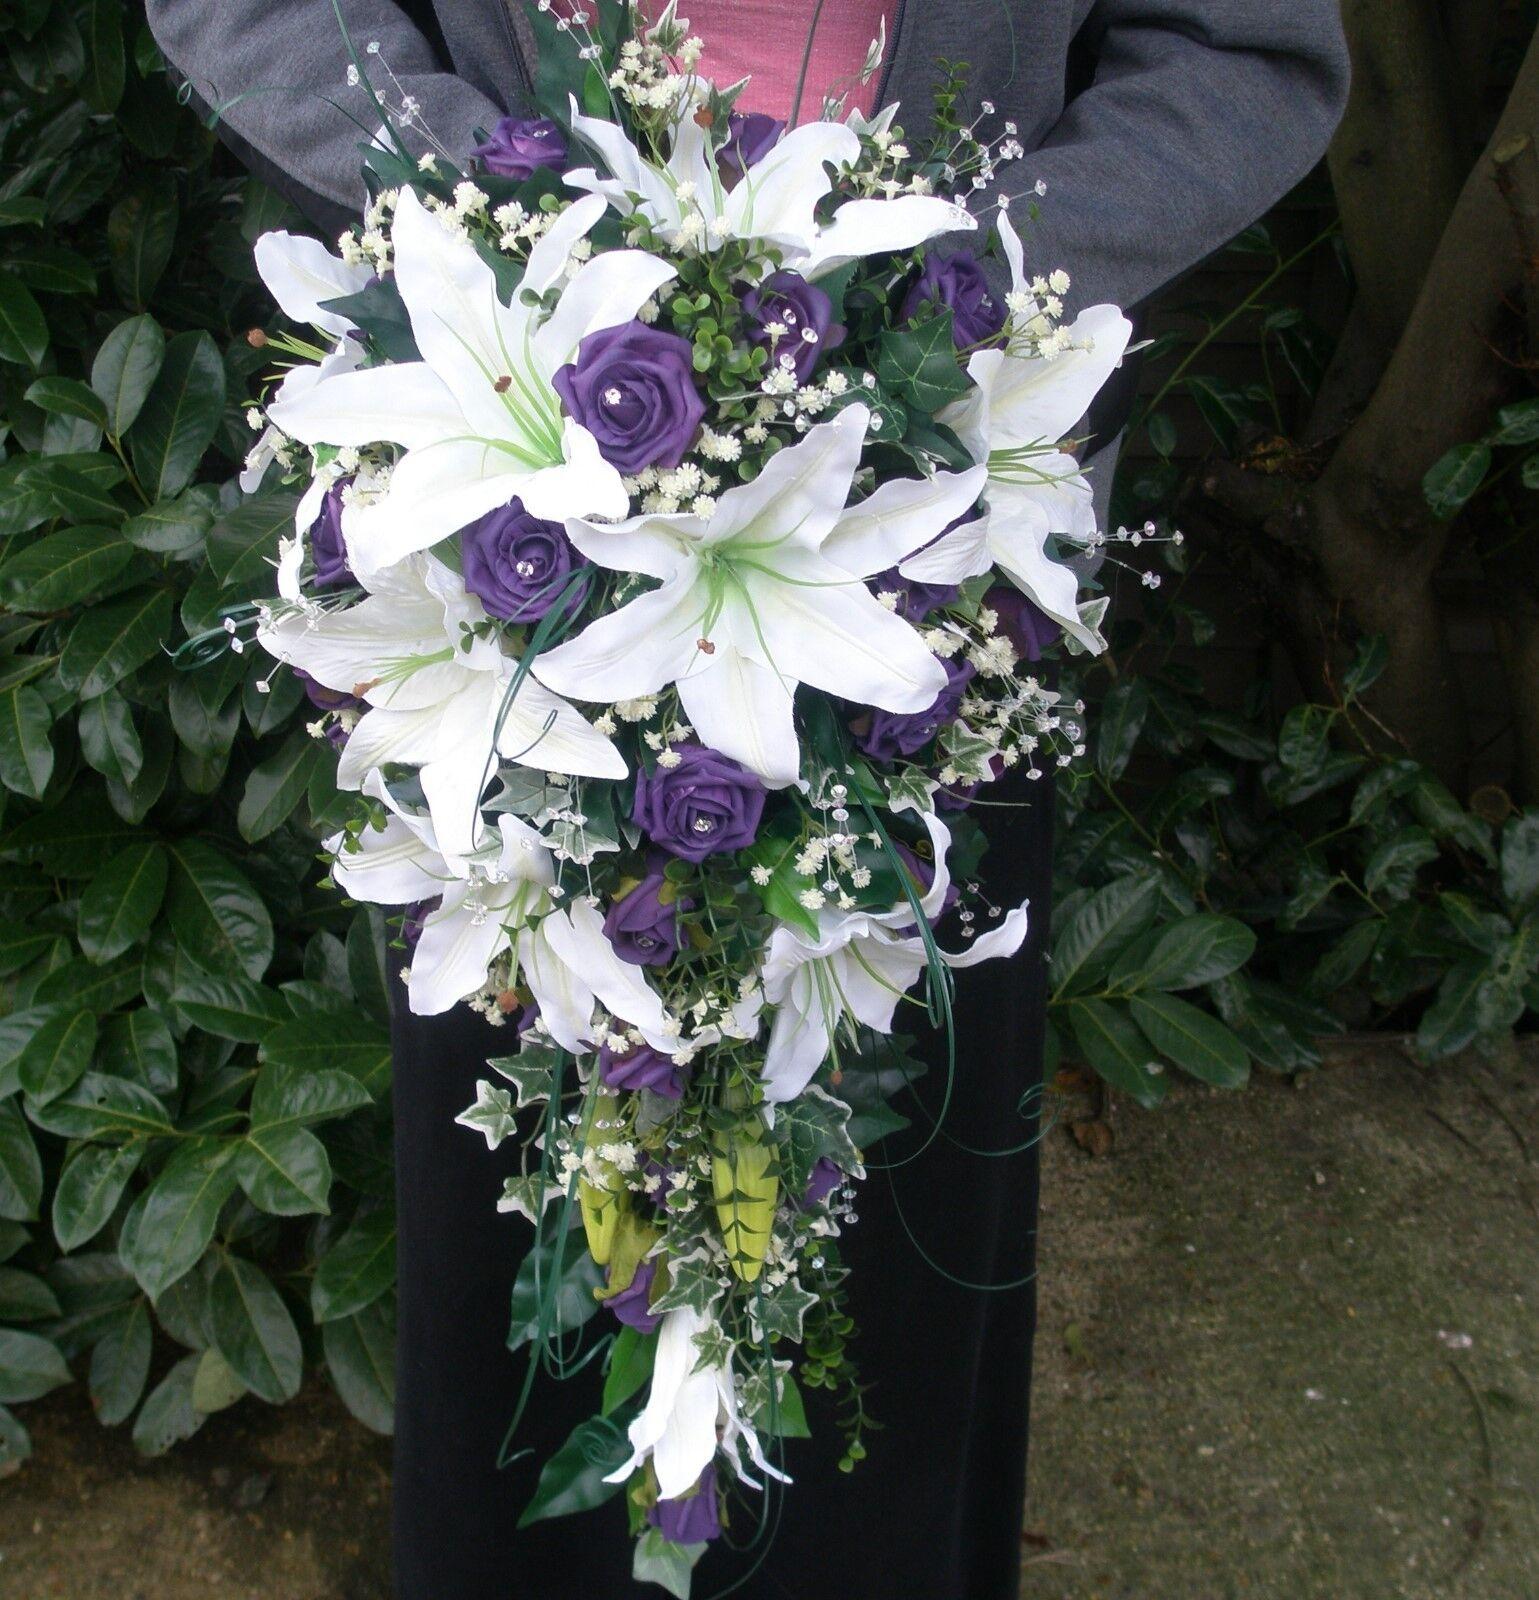 Mariage Douche Larme Bouquet brides Bridal Silk & Mousse Artificielle Fleurs